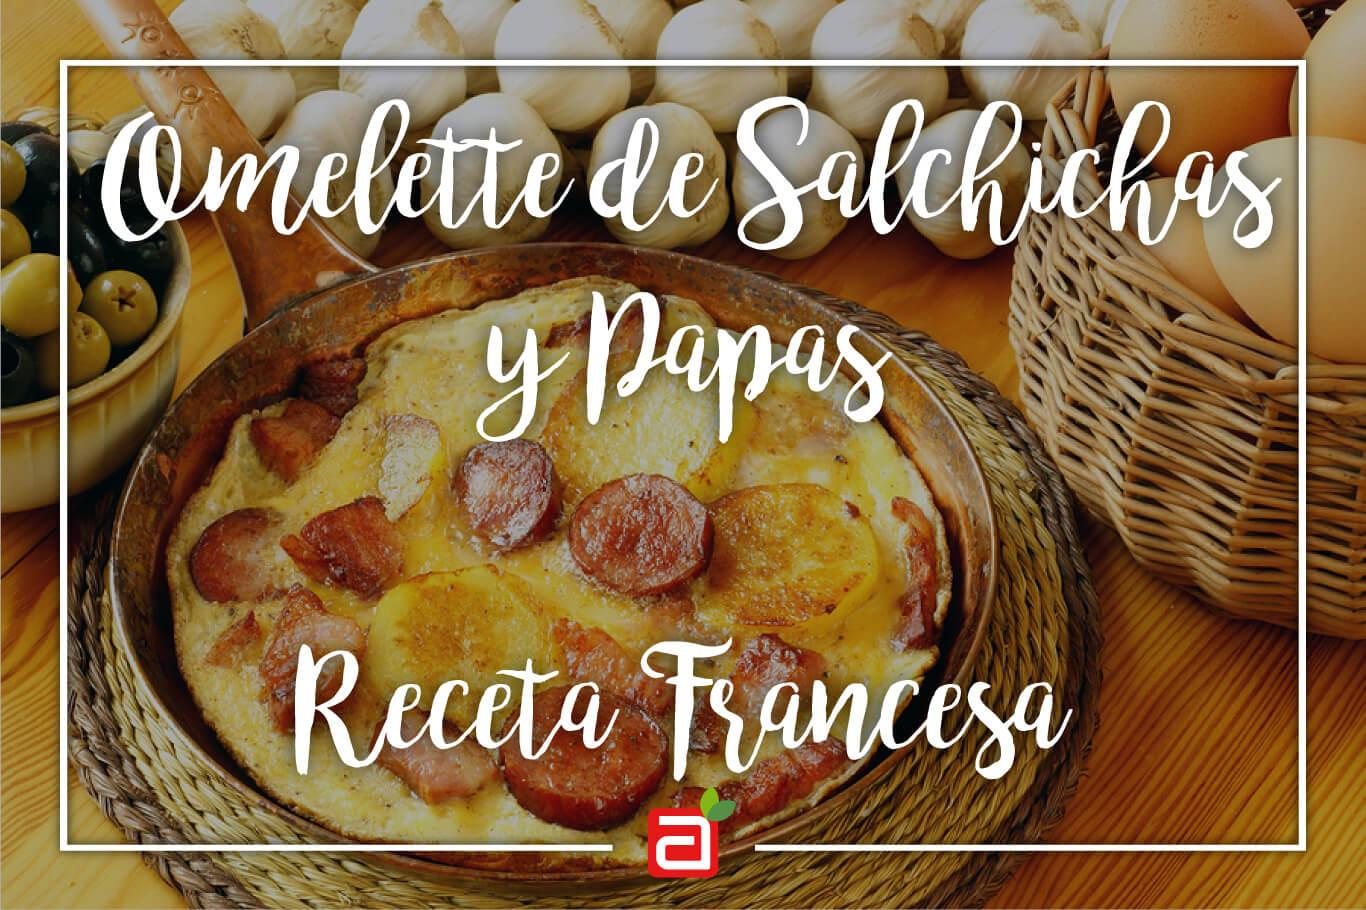 OMELETTE DE SALCHICHAS Y PAPAS